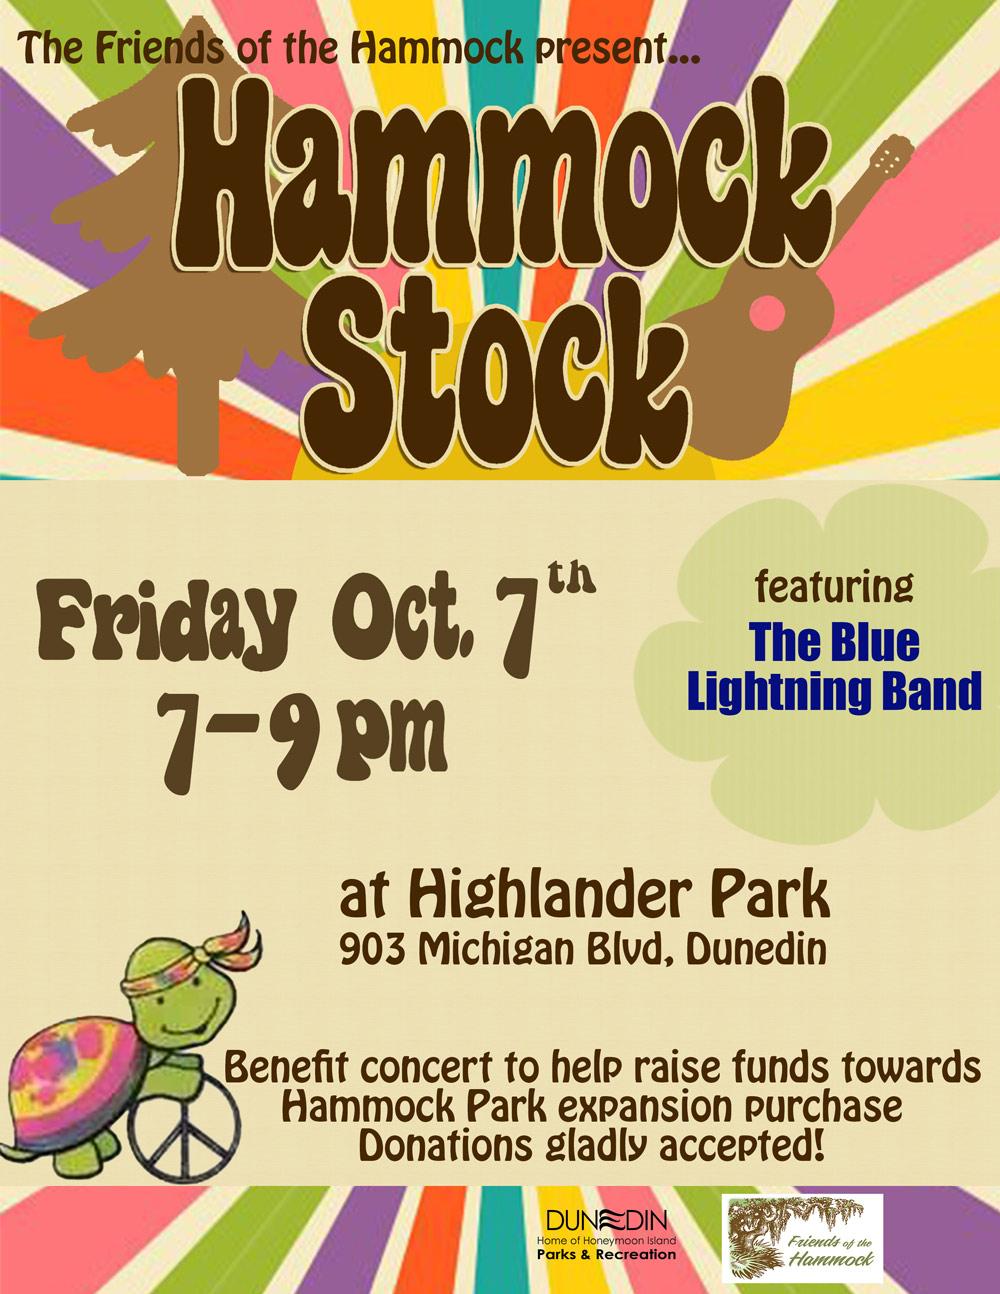 hammock-stock_flyer_FINAL copy.jpg